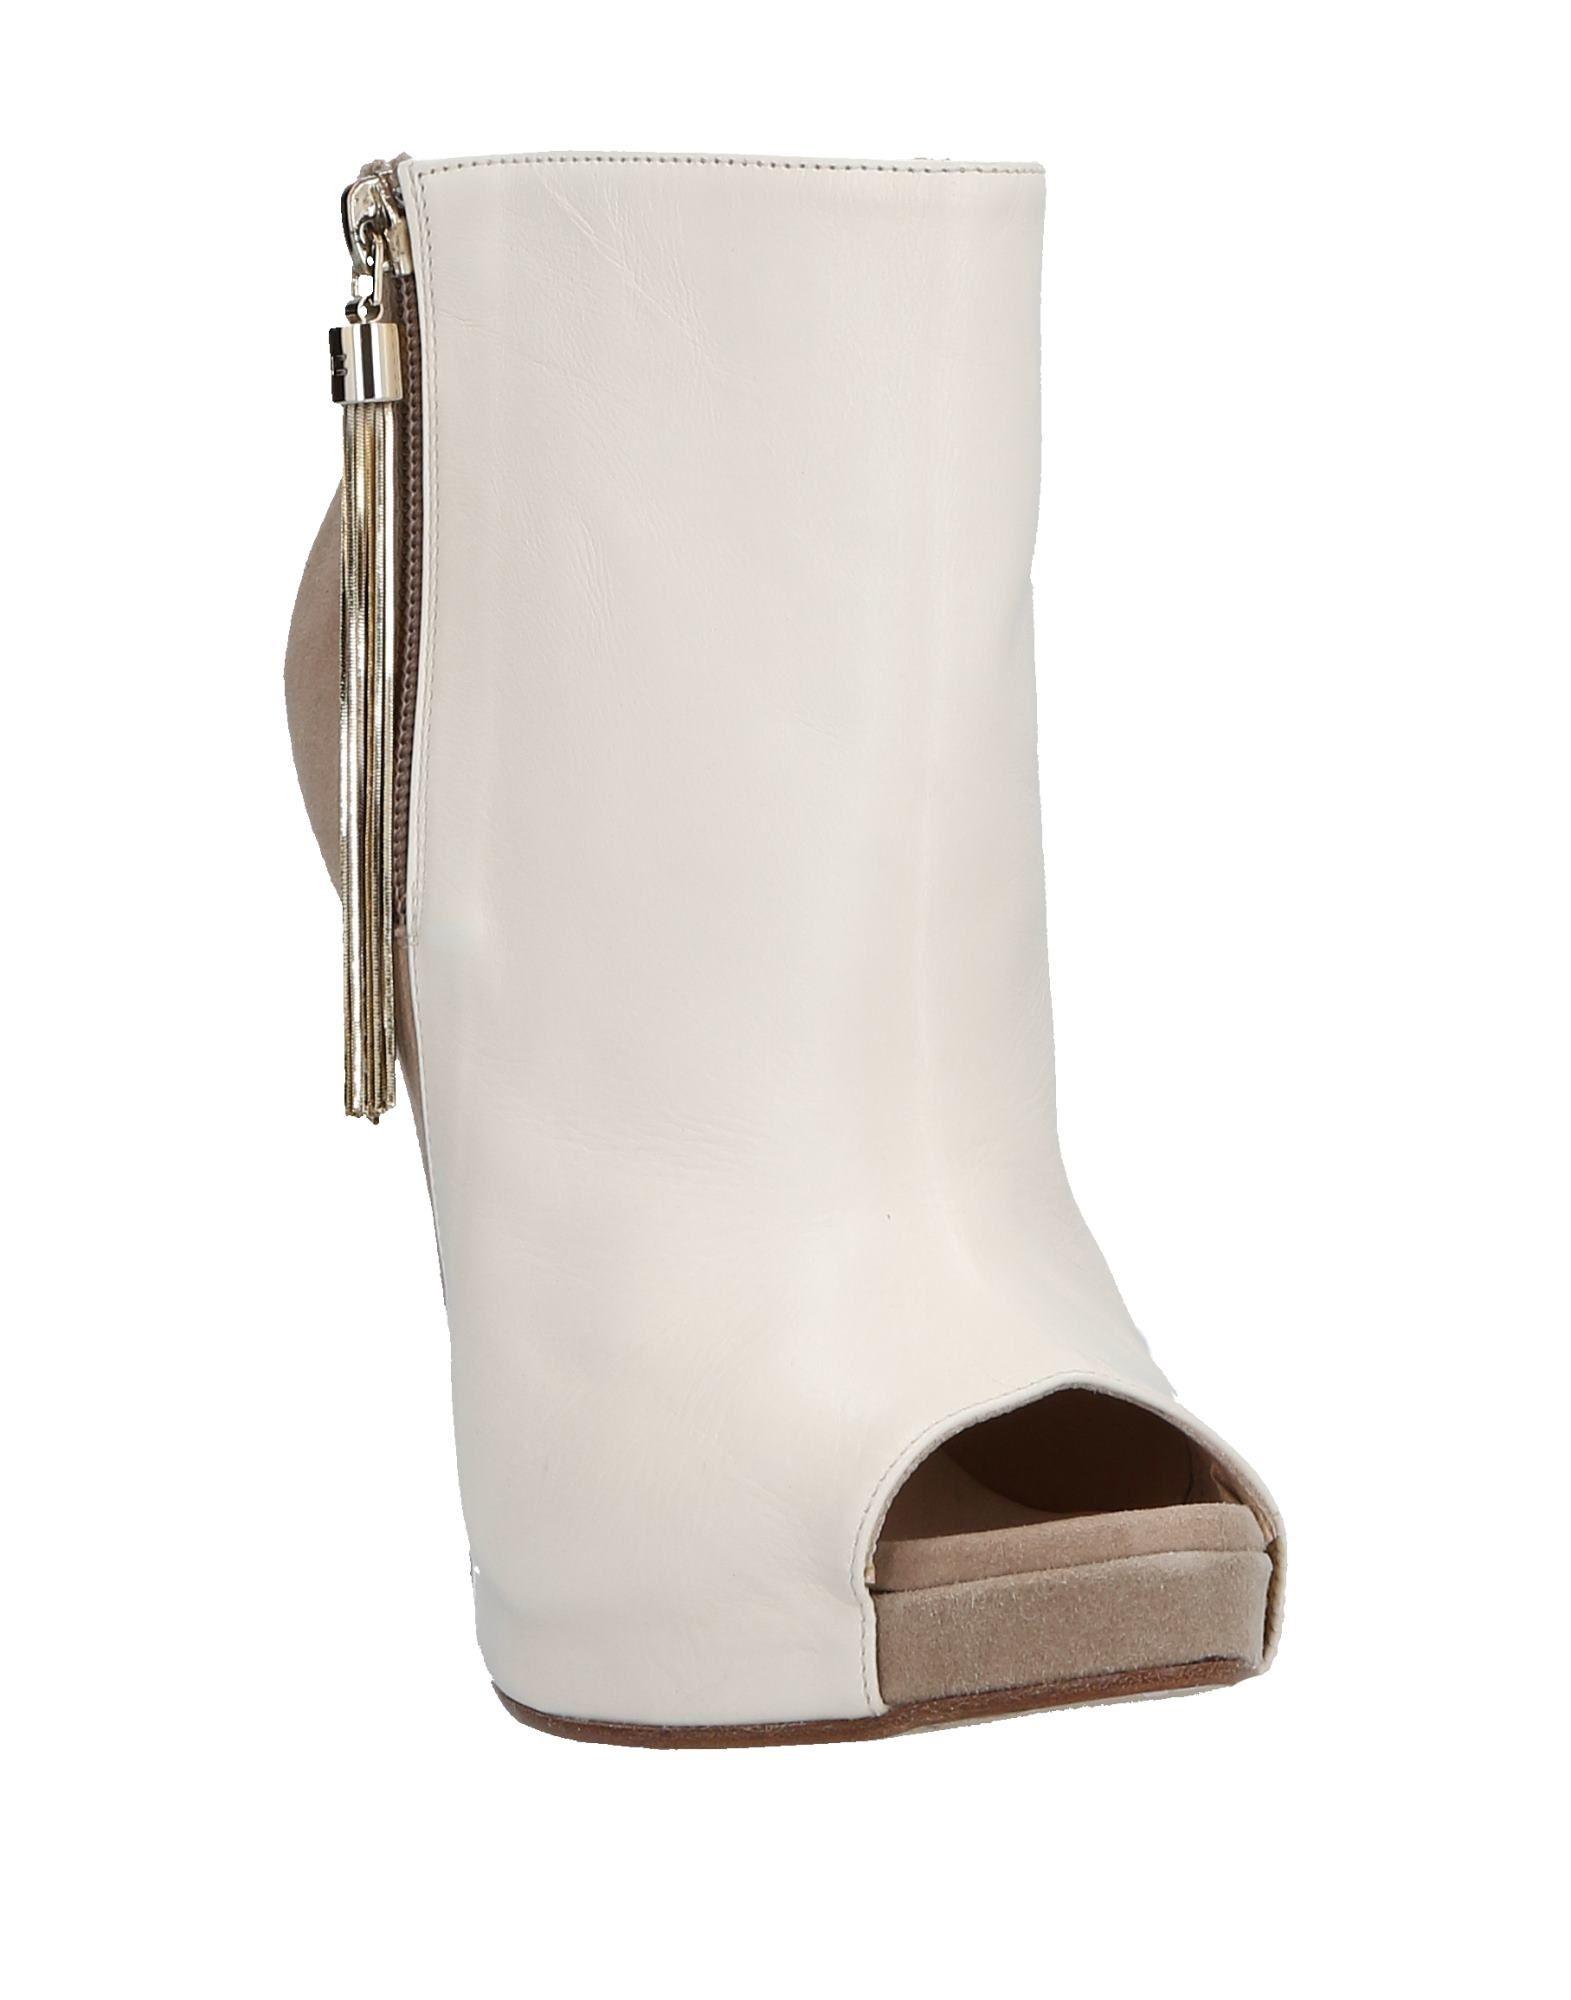 Elisabetta Franchi Stiefelette Damen Schuhe  11514230DHGünstige gut aussehende Schuhe Damen 5385ac